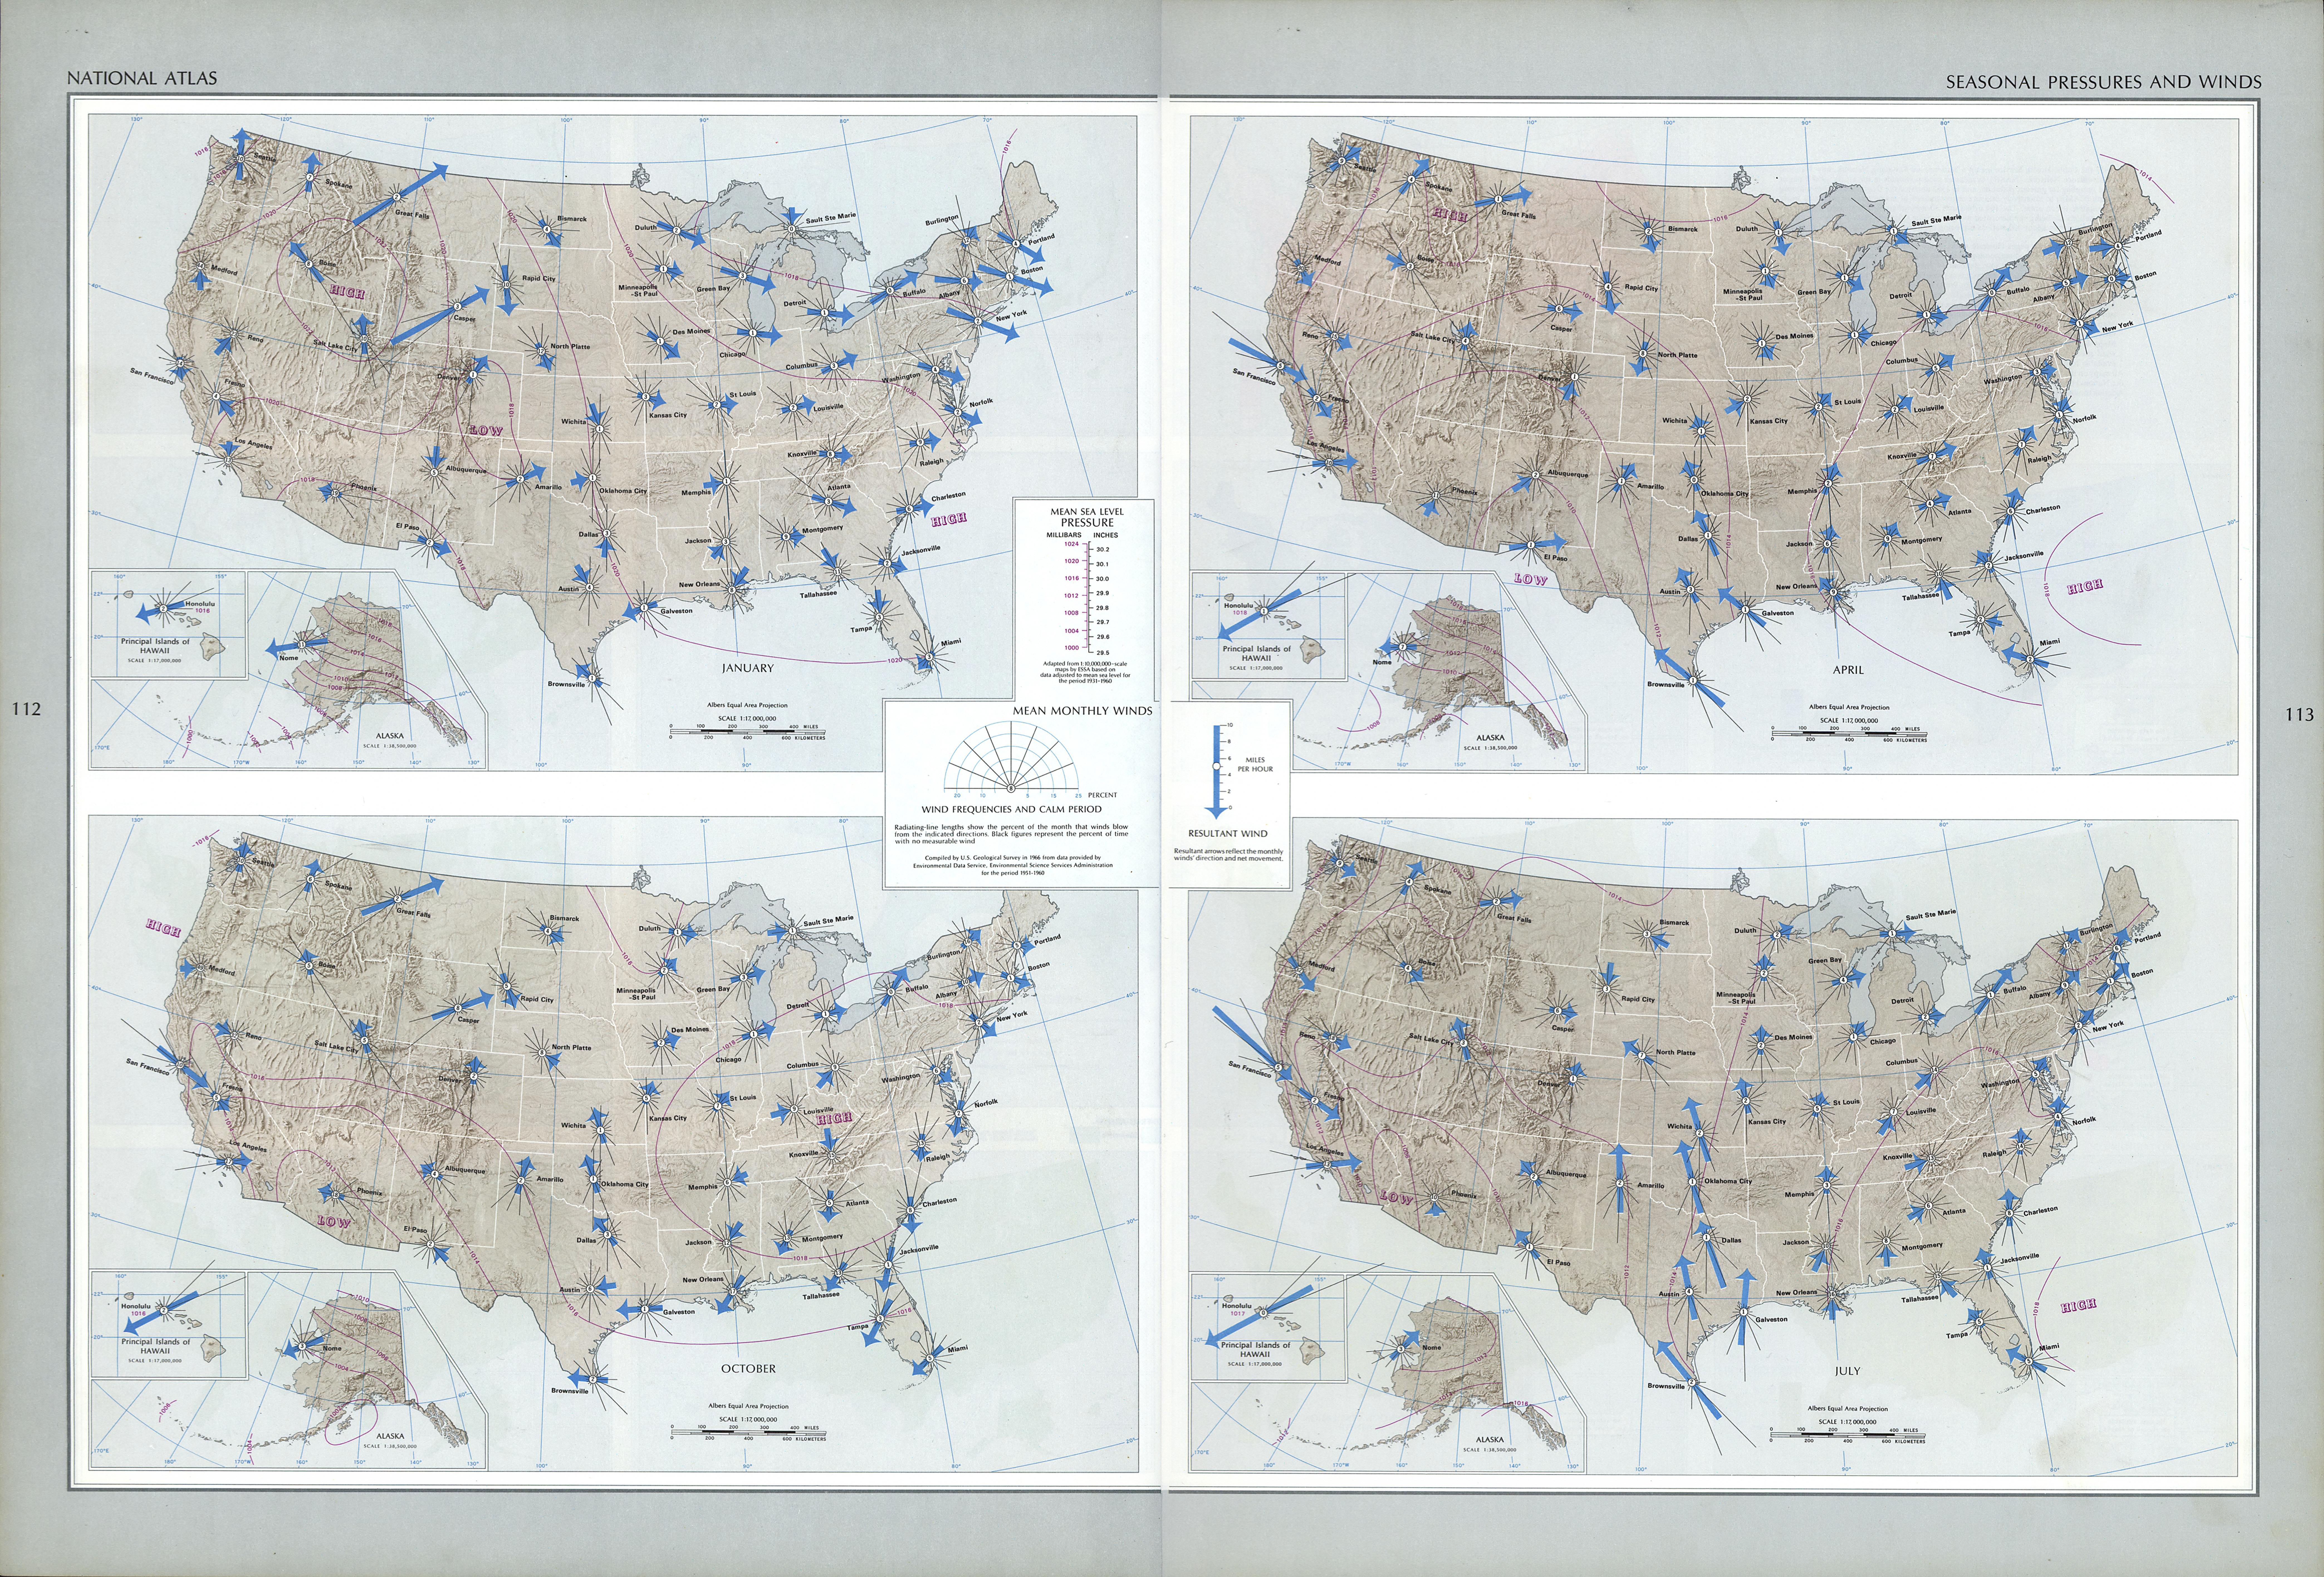 Mapa de la Presión y de los Vientos Estacionales en Estados Unidos